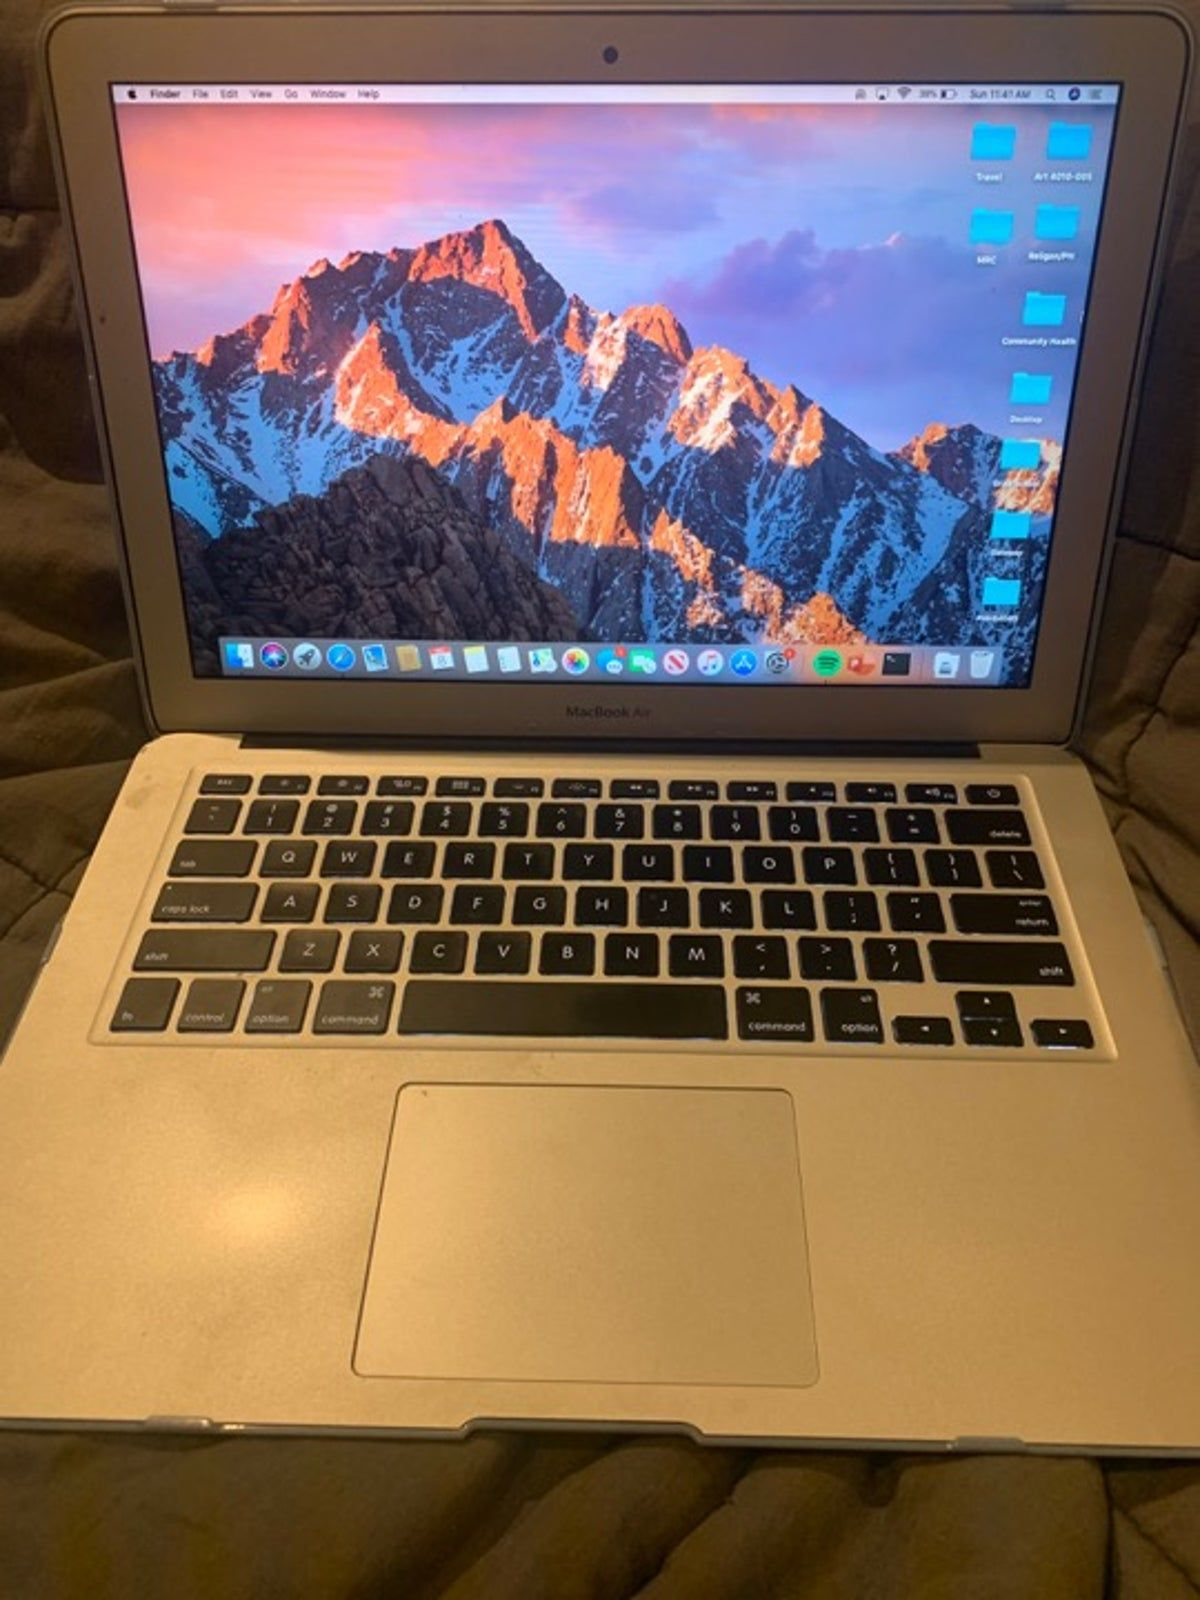 Macbook Air 13 In 2020 Apple Laptop Macbook Macbook Macbook Air 13